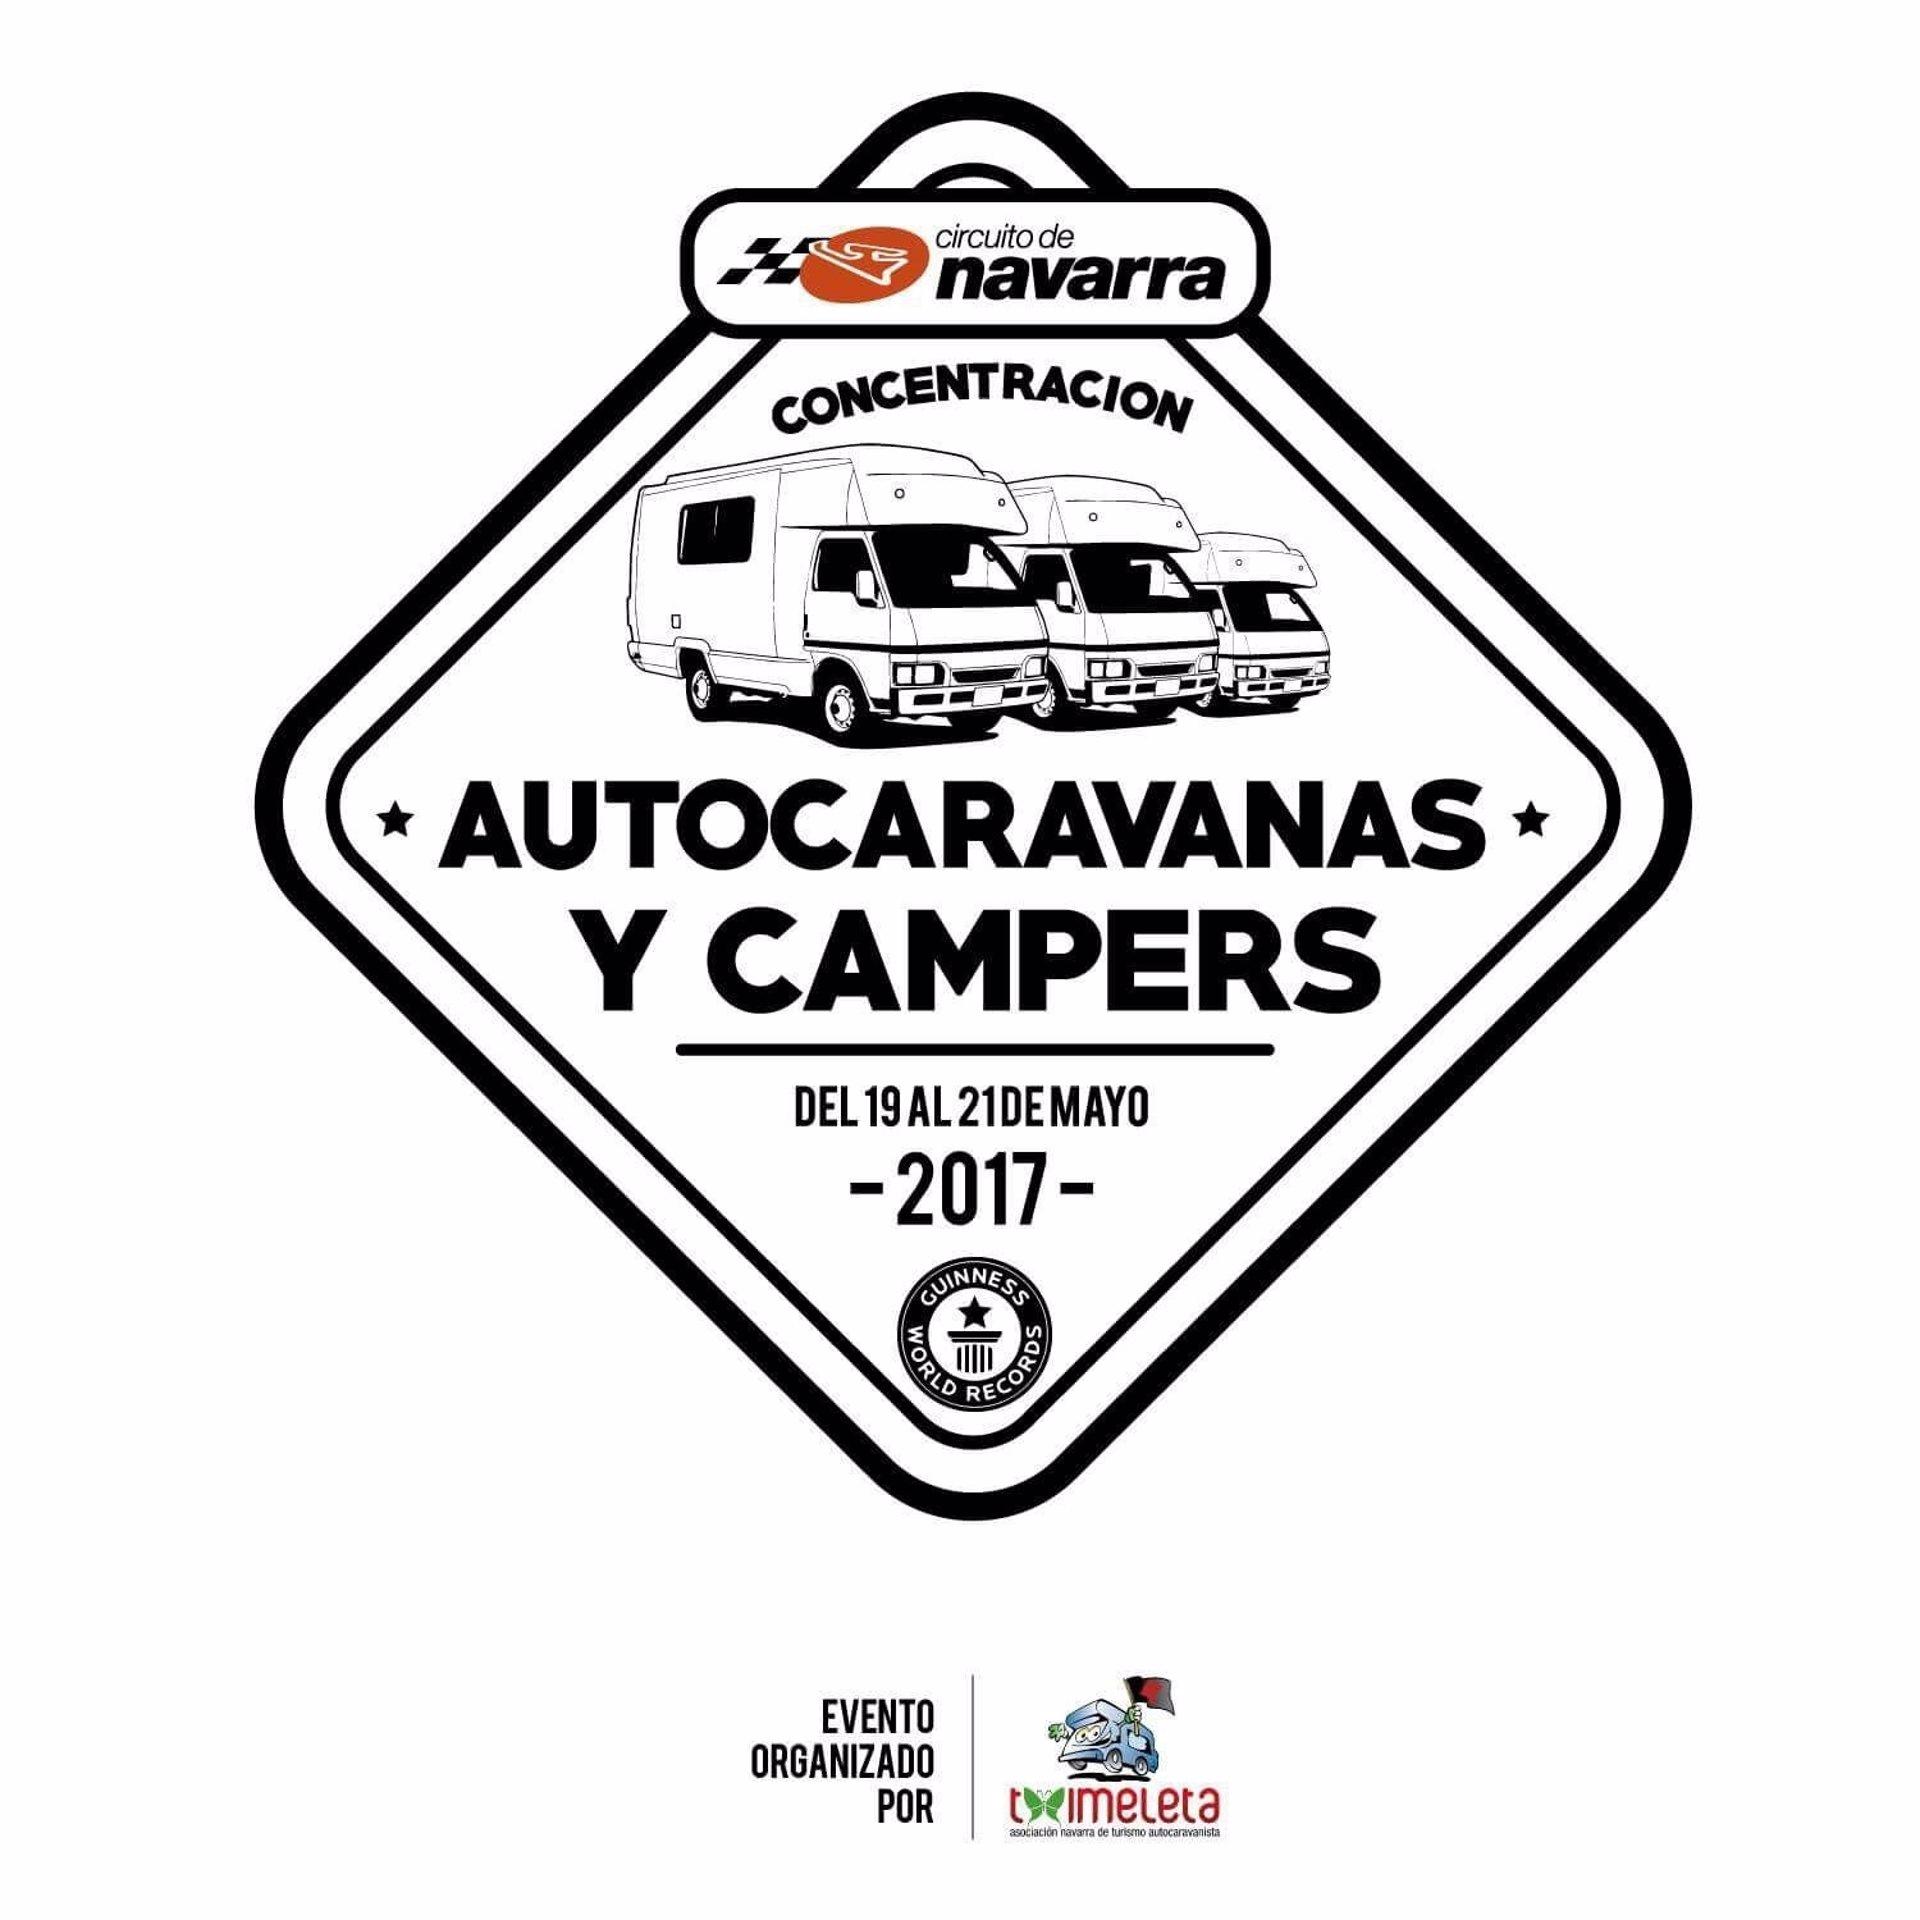 Circuito Navarra : El circuito los arcos intentará conseguir el récord de